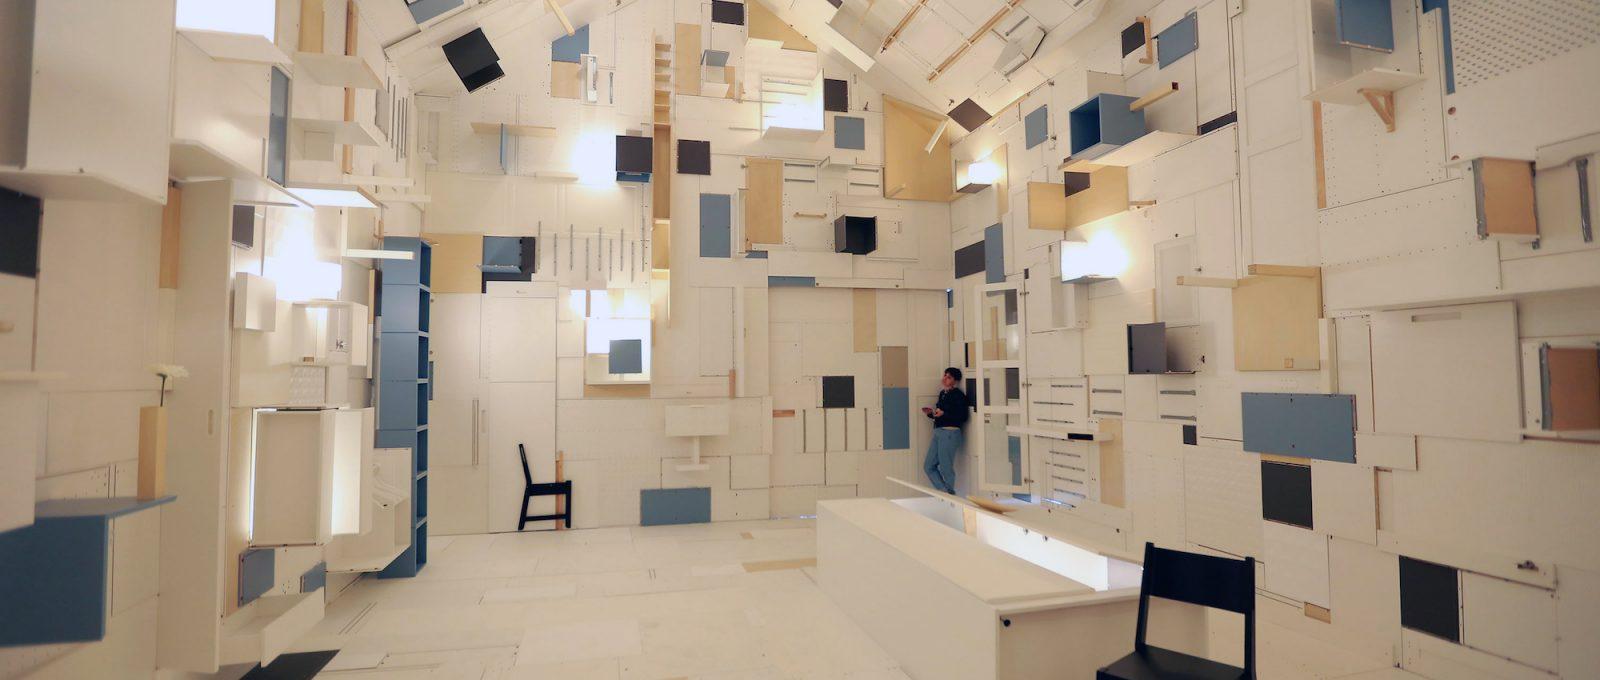 Alla scoperta dell'infinito, l'installazione di Lorenzo Damiani per IKEA